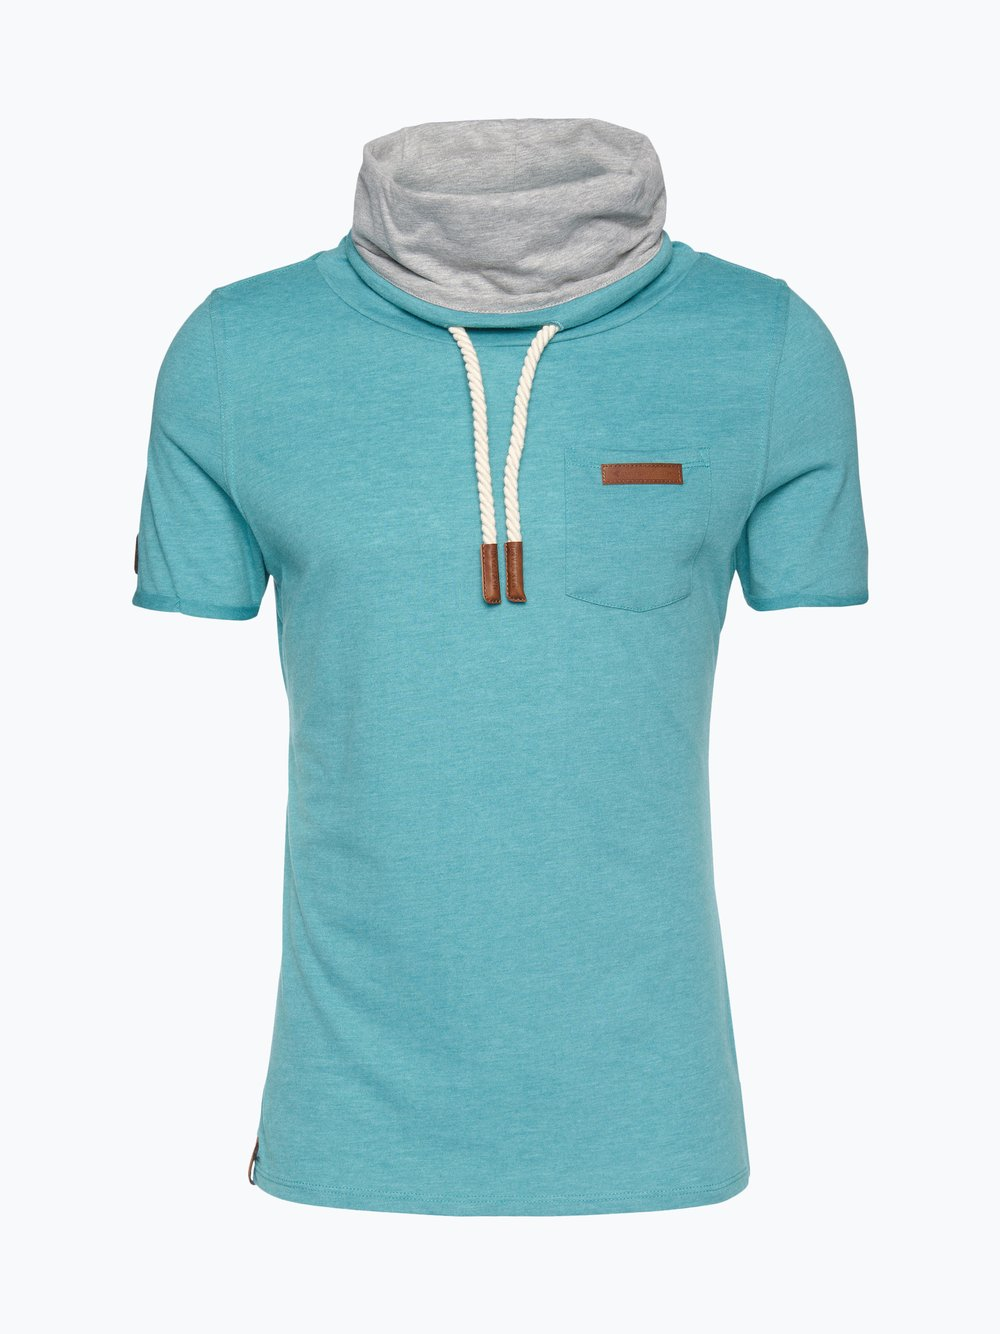 Naketano Herren T Shirt Fat Tony IX grün uni online kaufen